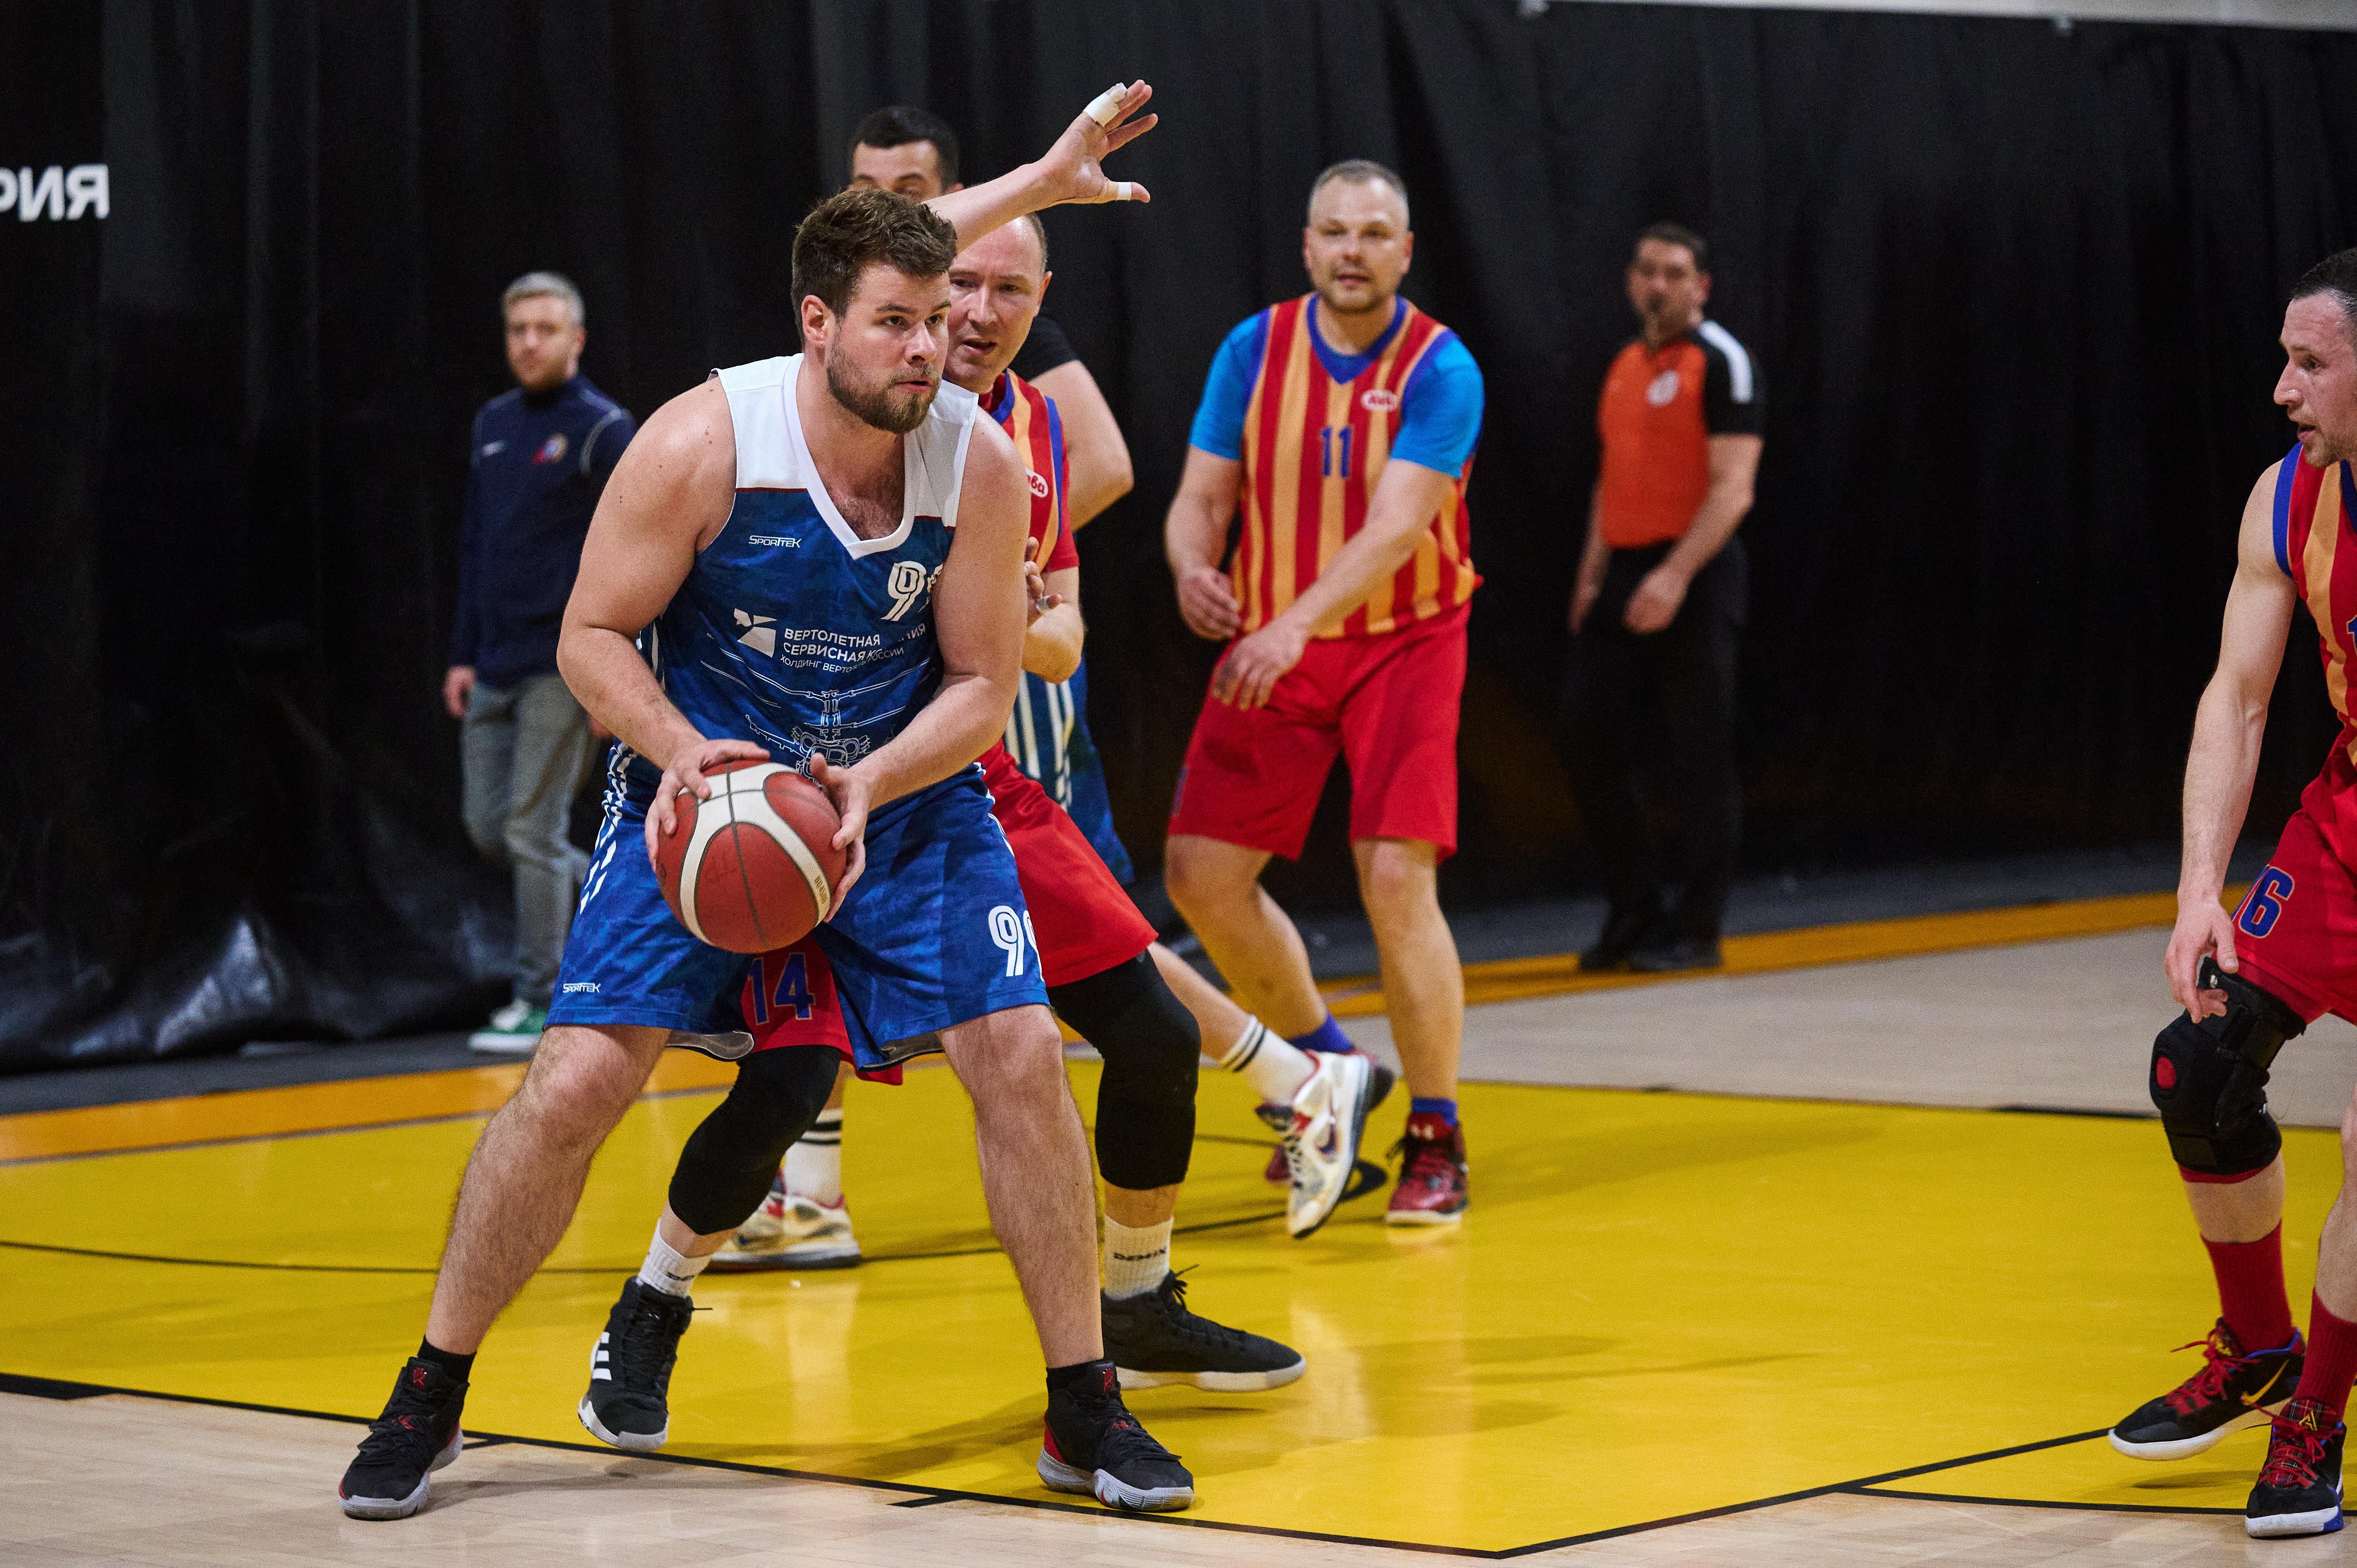 Прямиков в финал: как прошли полуфинальные матчи Чемпионата Баскетбольной лиги «Трудовые резервы»